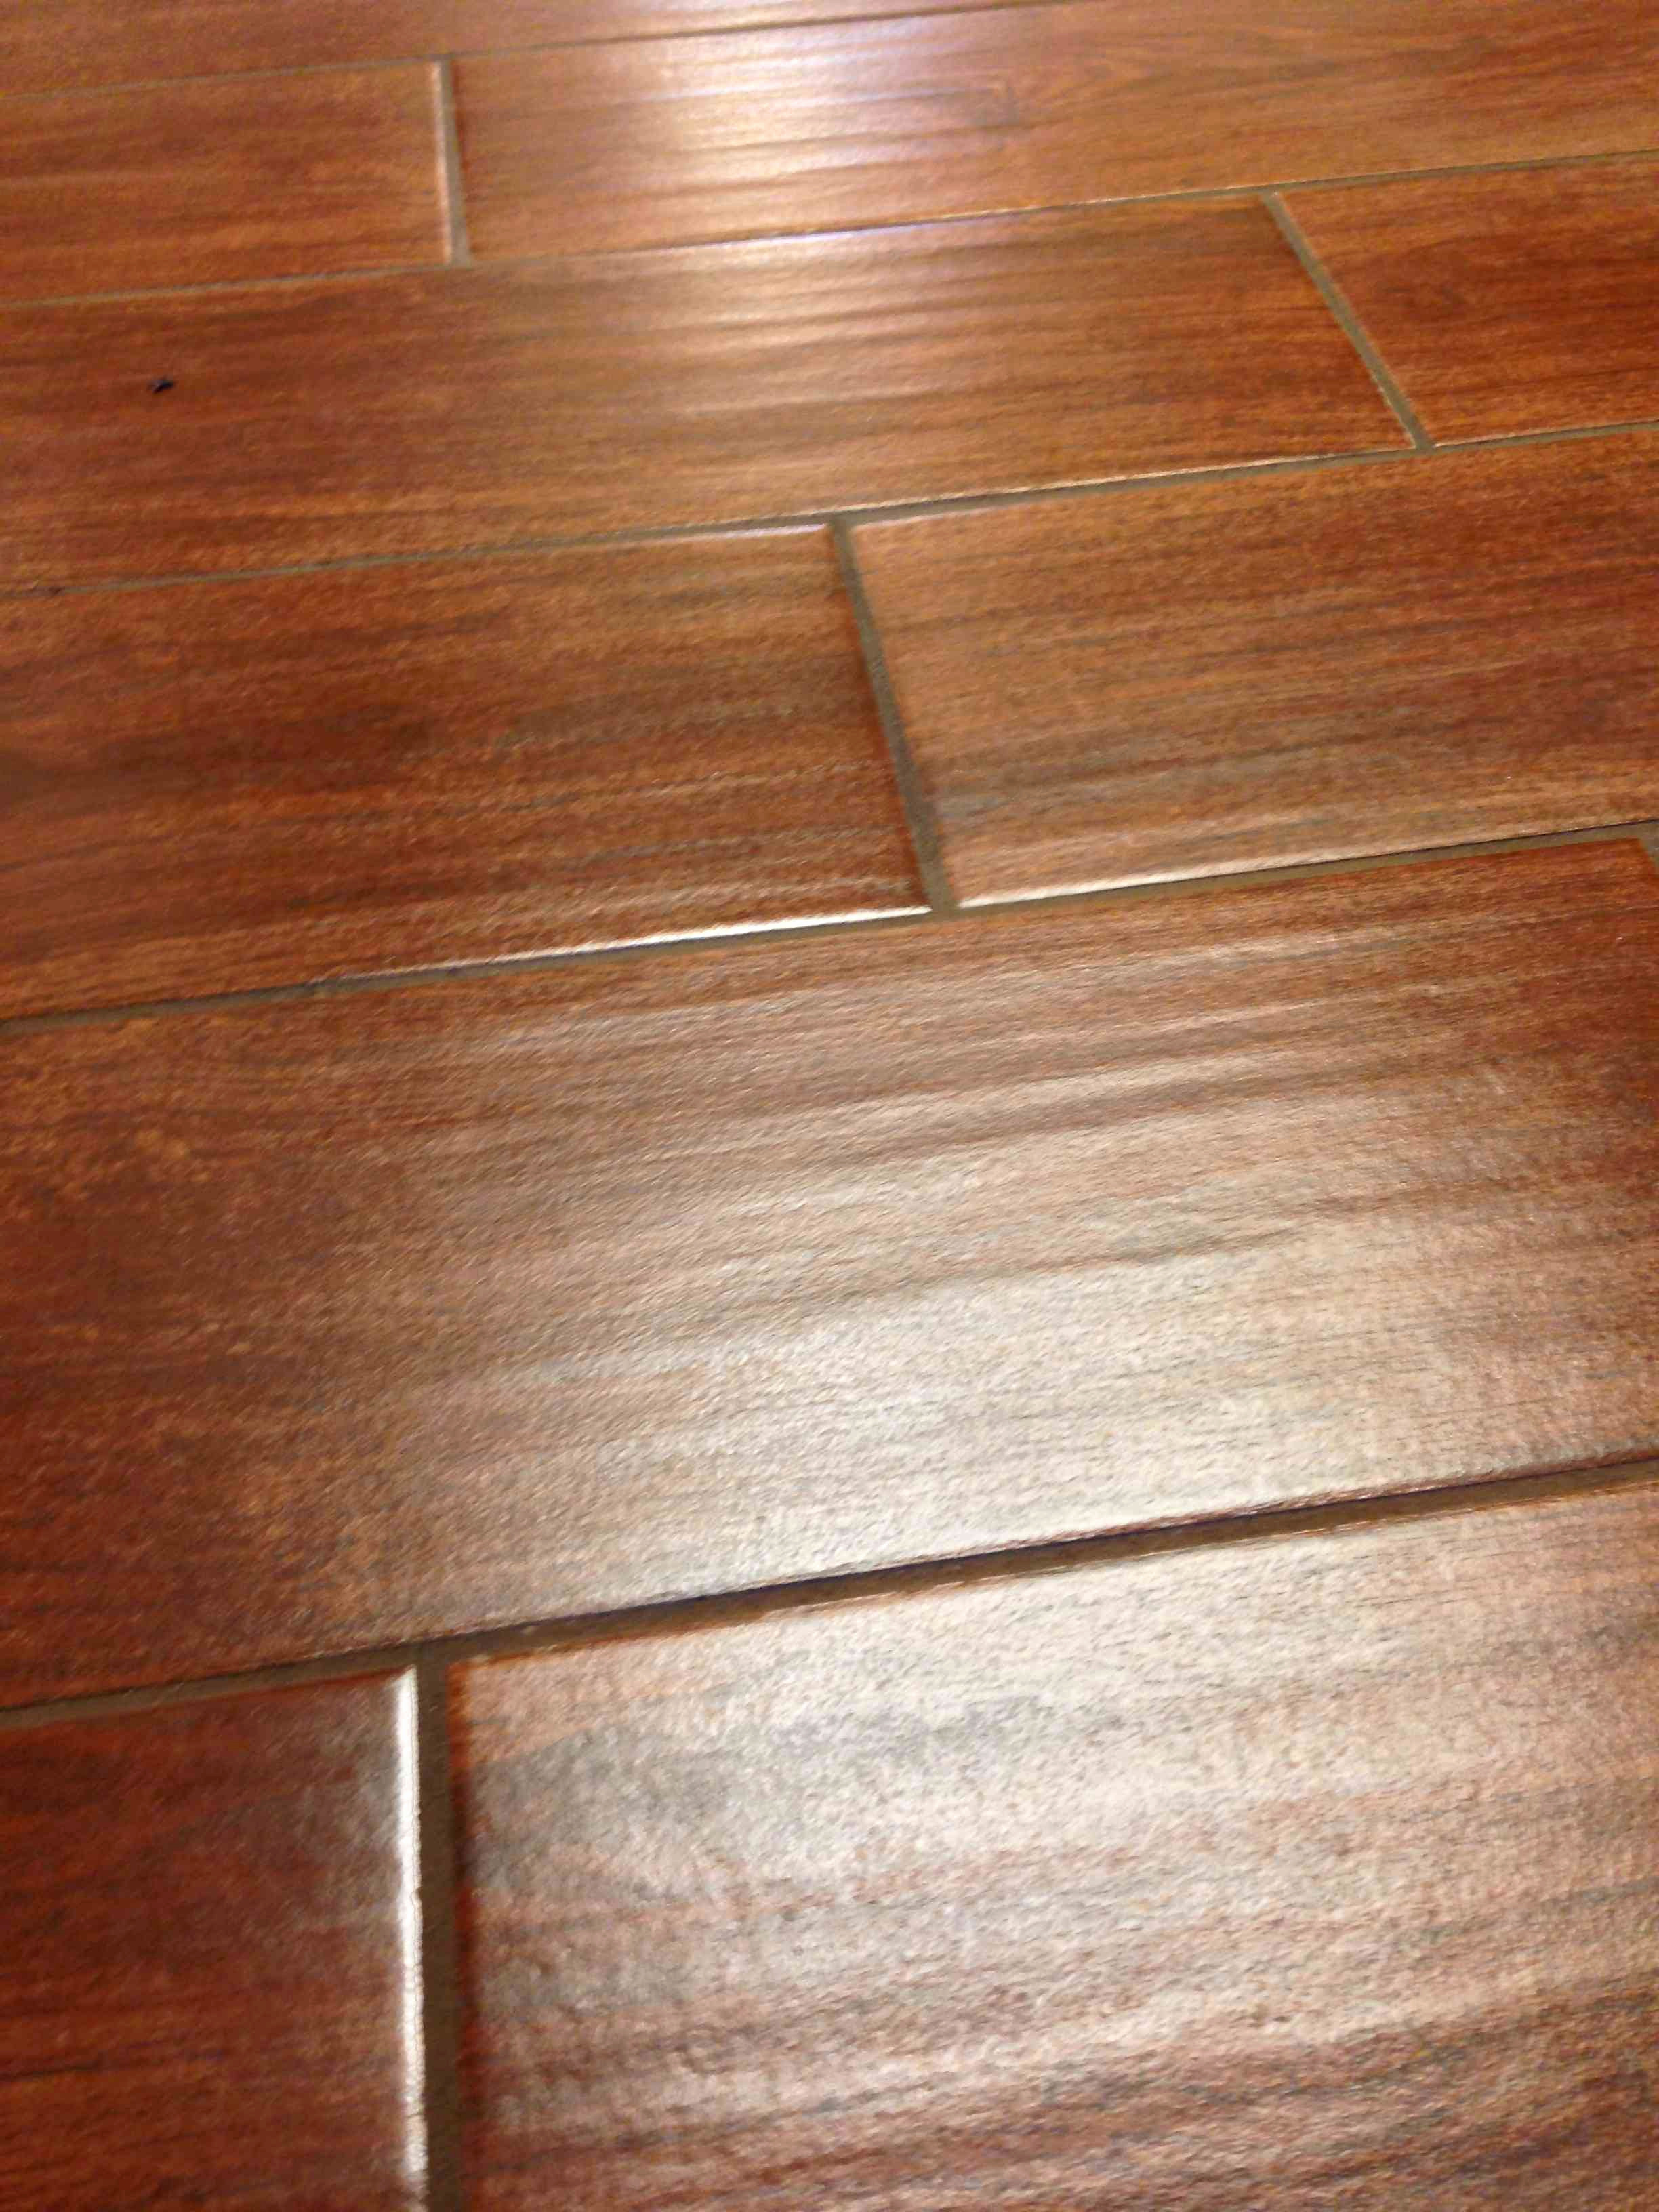 hardwood flooring retailers of the wood maker page 2 wood wallpaper throughout hardwood floor store 50 best real hardwood floors 50 s floor plan ideas of wood floor